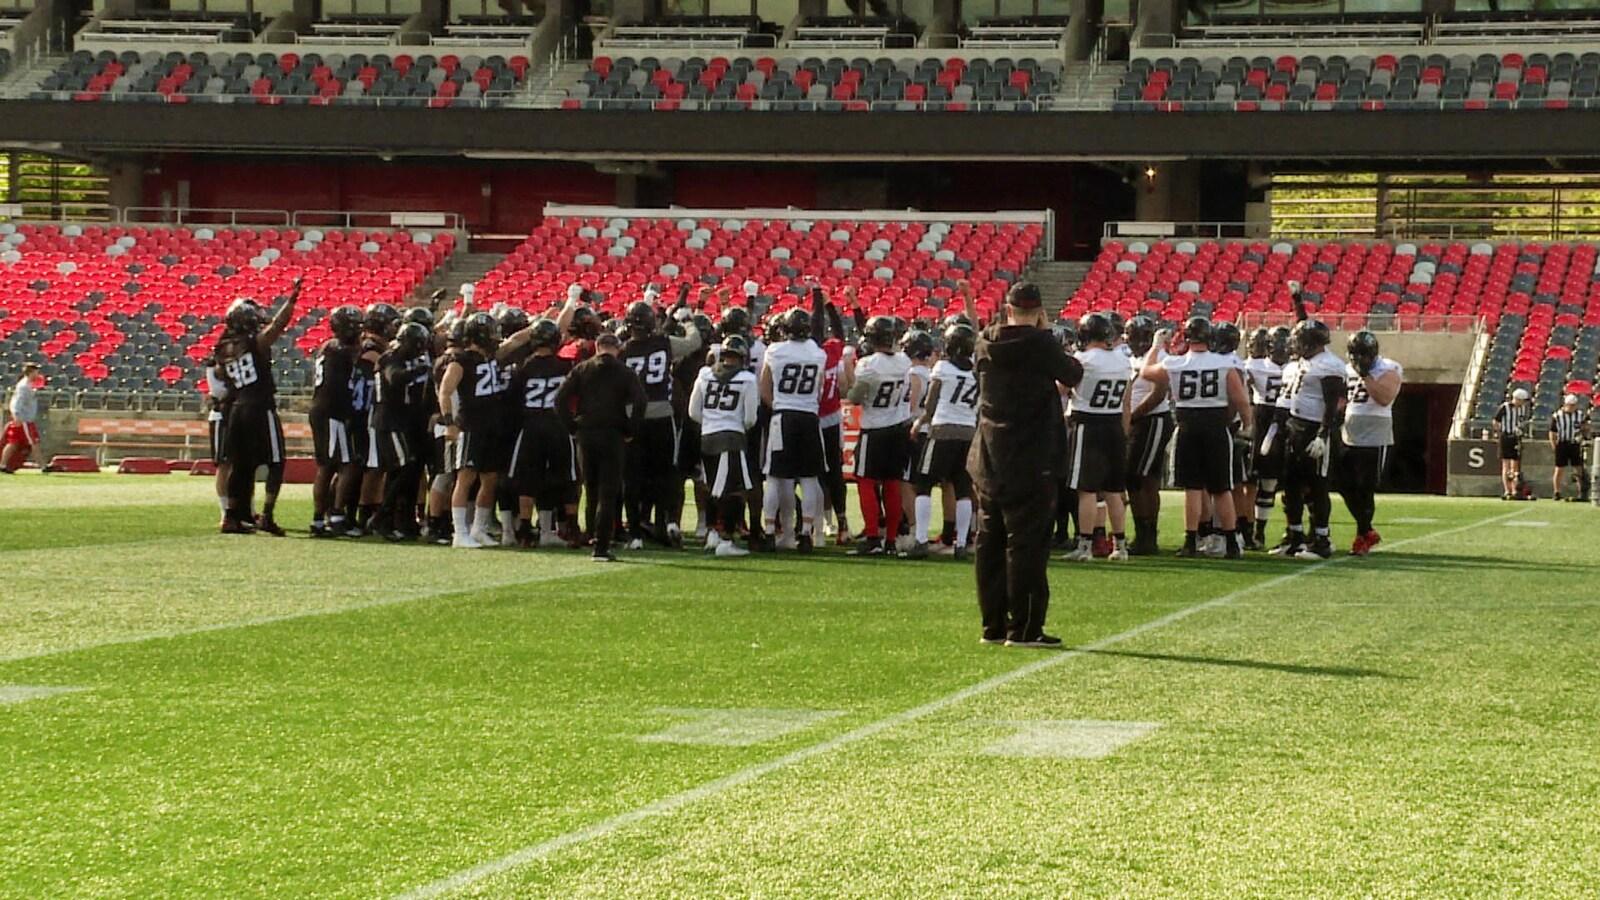 Des joueurs rassemblés sur un terrain de football.